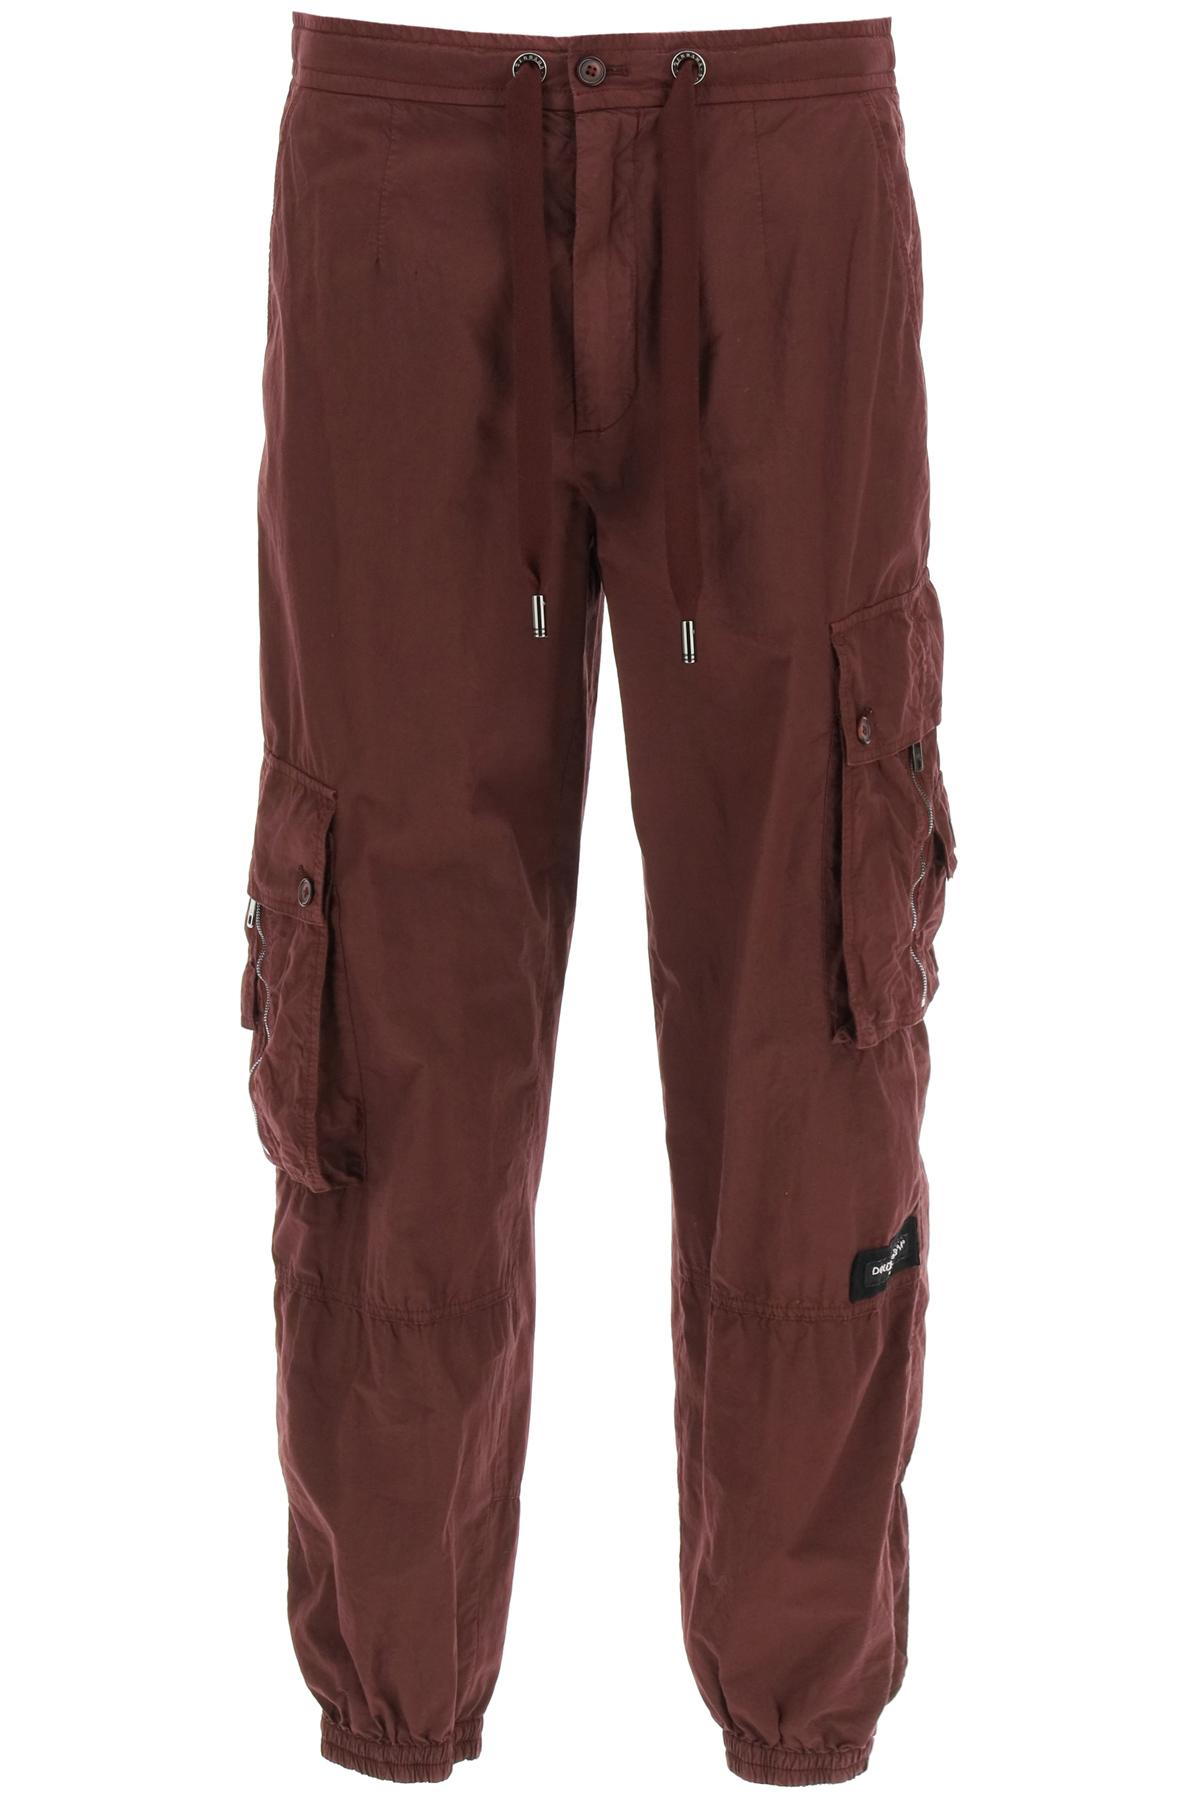 Dolce & gabbana pantalone cargo in cotone